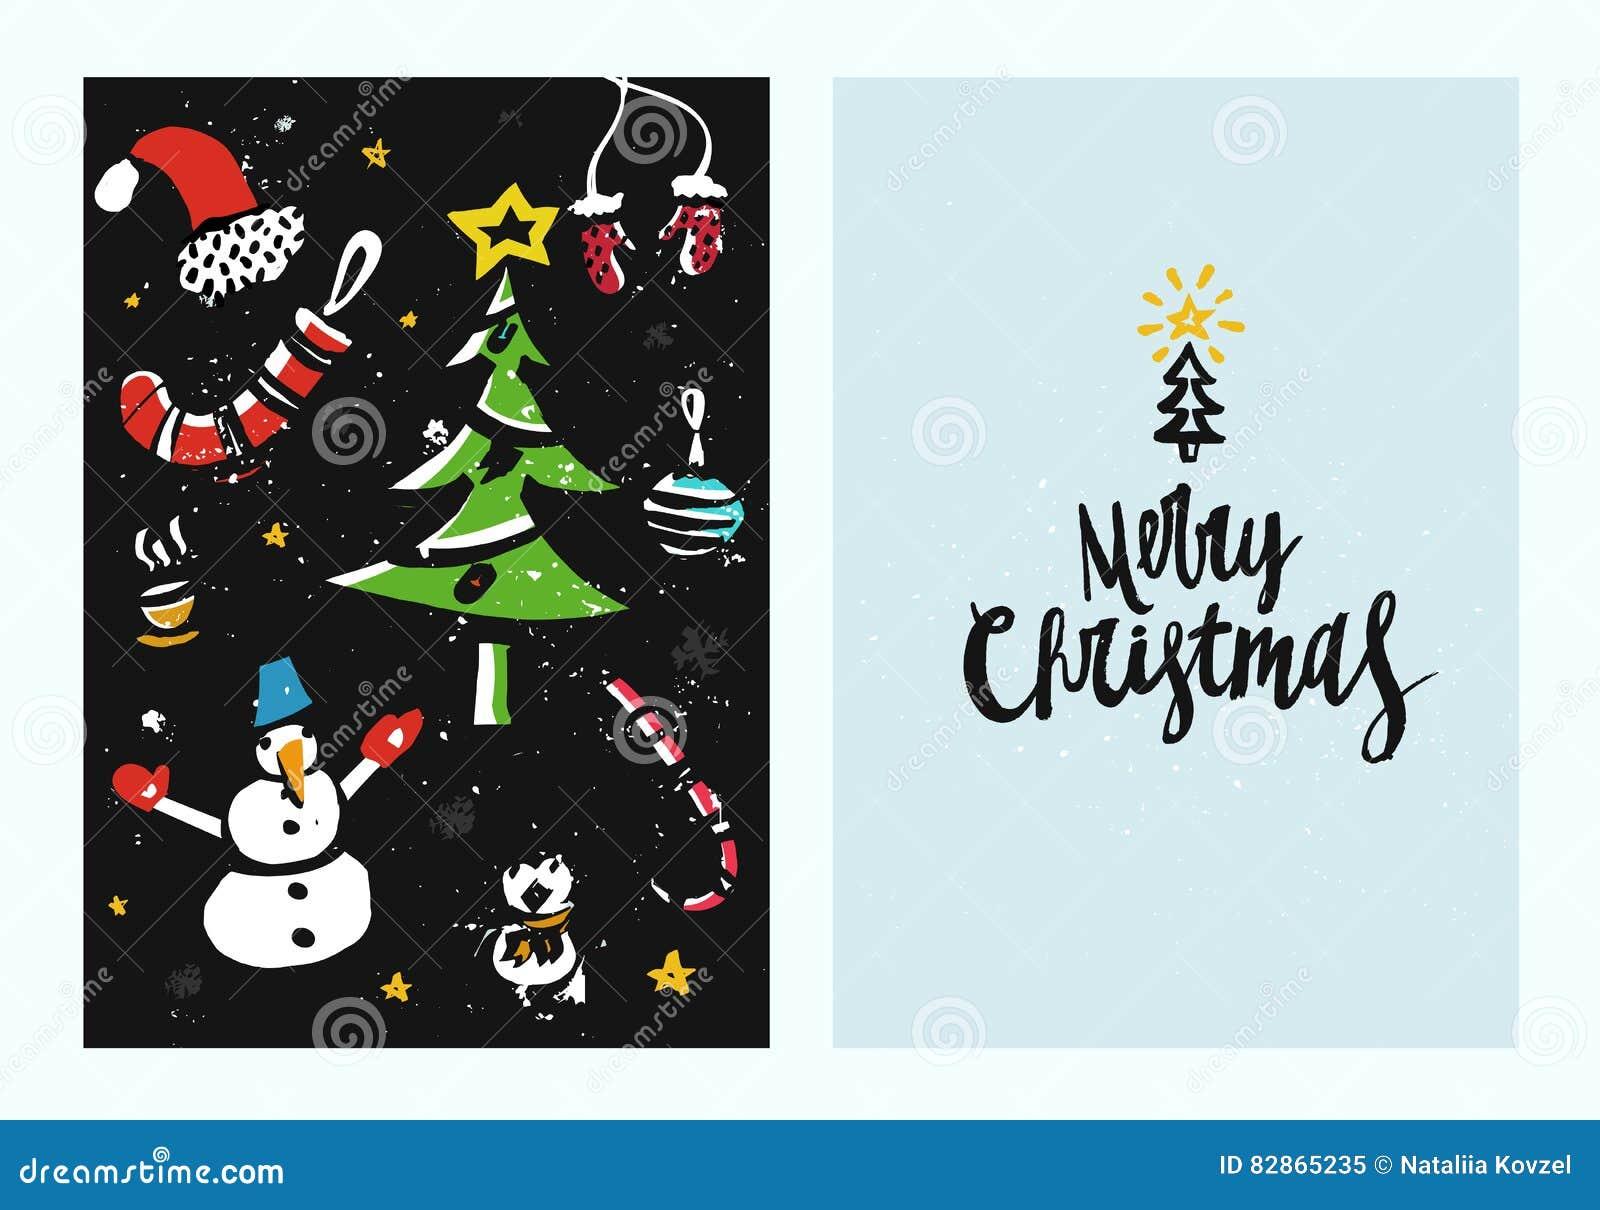 Disegni Di Natale Vettoriali.Modello Disegnato A Mano Unico Della Cartolina Di Natale Con I